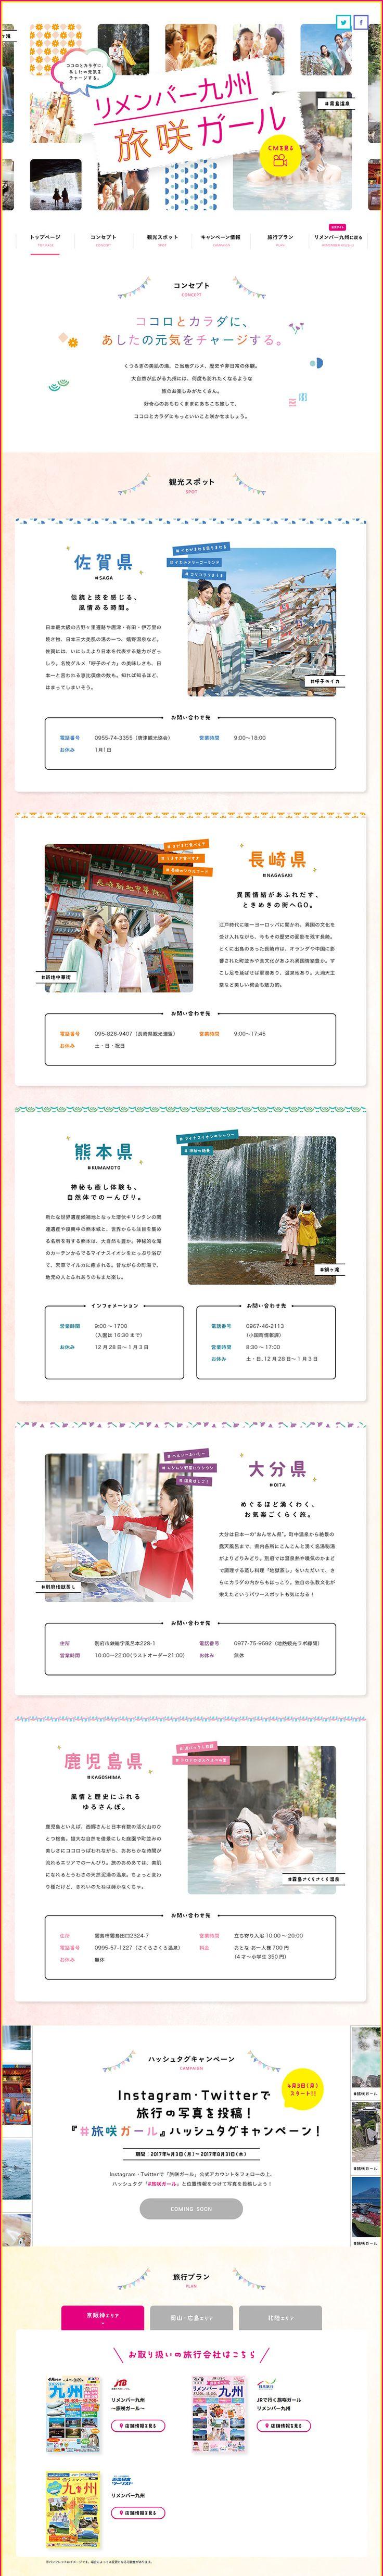 リメンバー九州  旅咲ガール【サービス関連】のLPデザイン。WEBデザイナーさん必見!ランディングページのデザイン参考に(かわいい系)